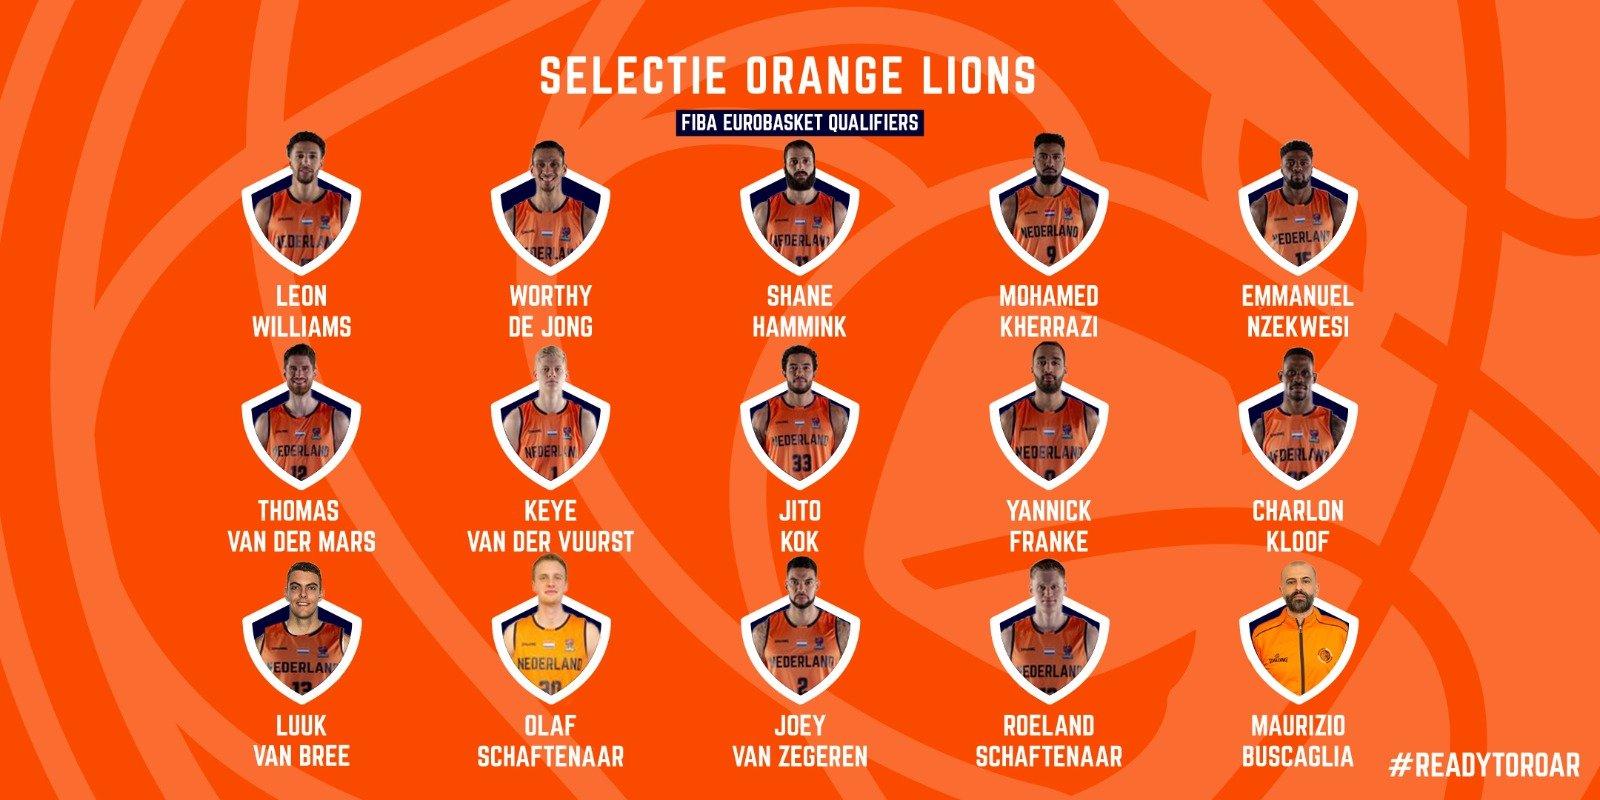 Selectie orange lions 2021.jpeg